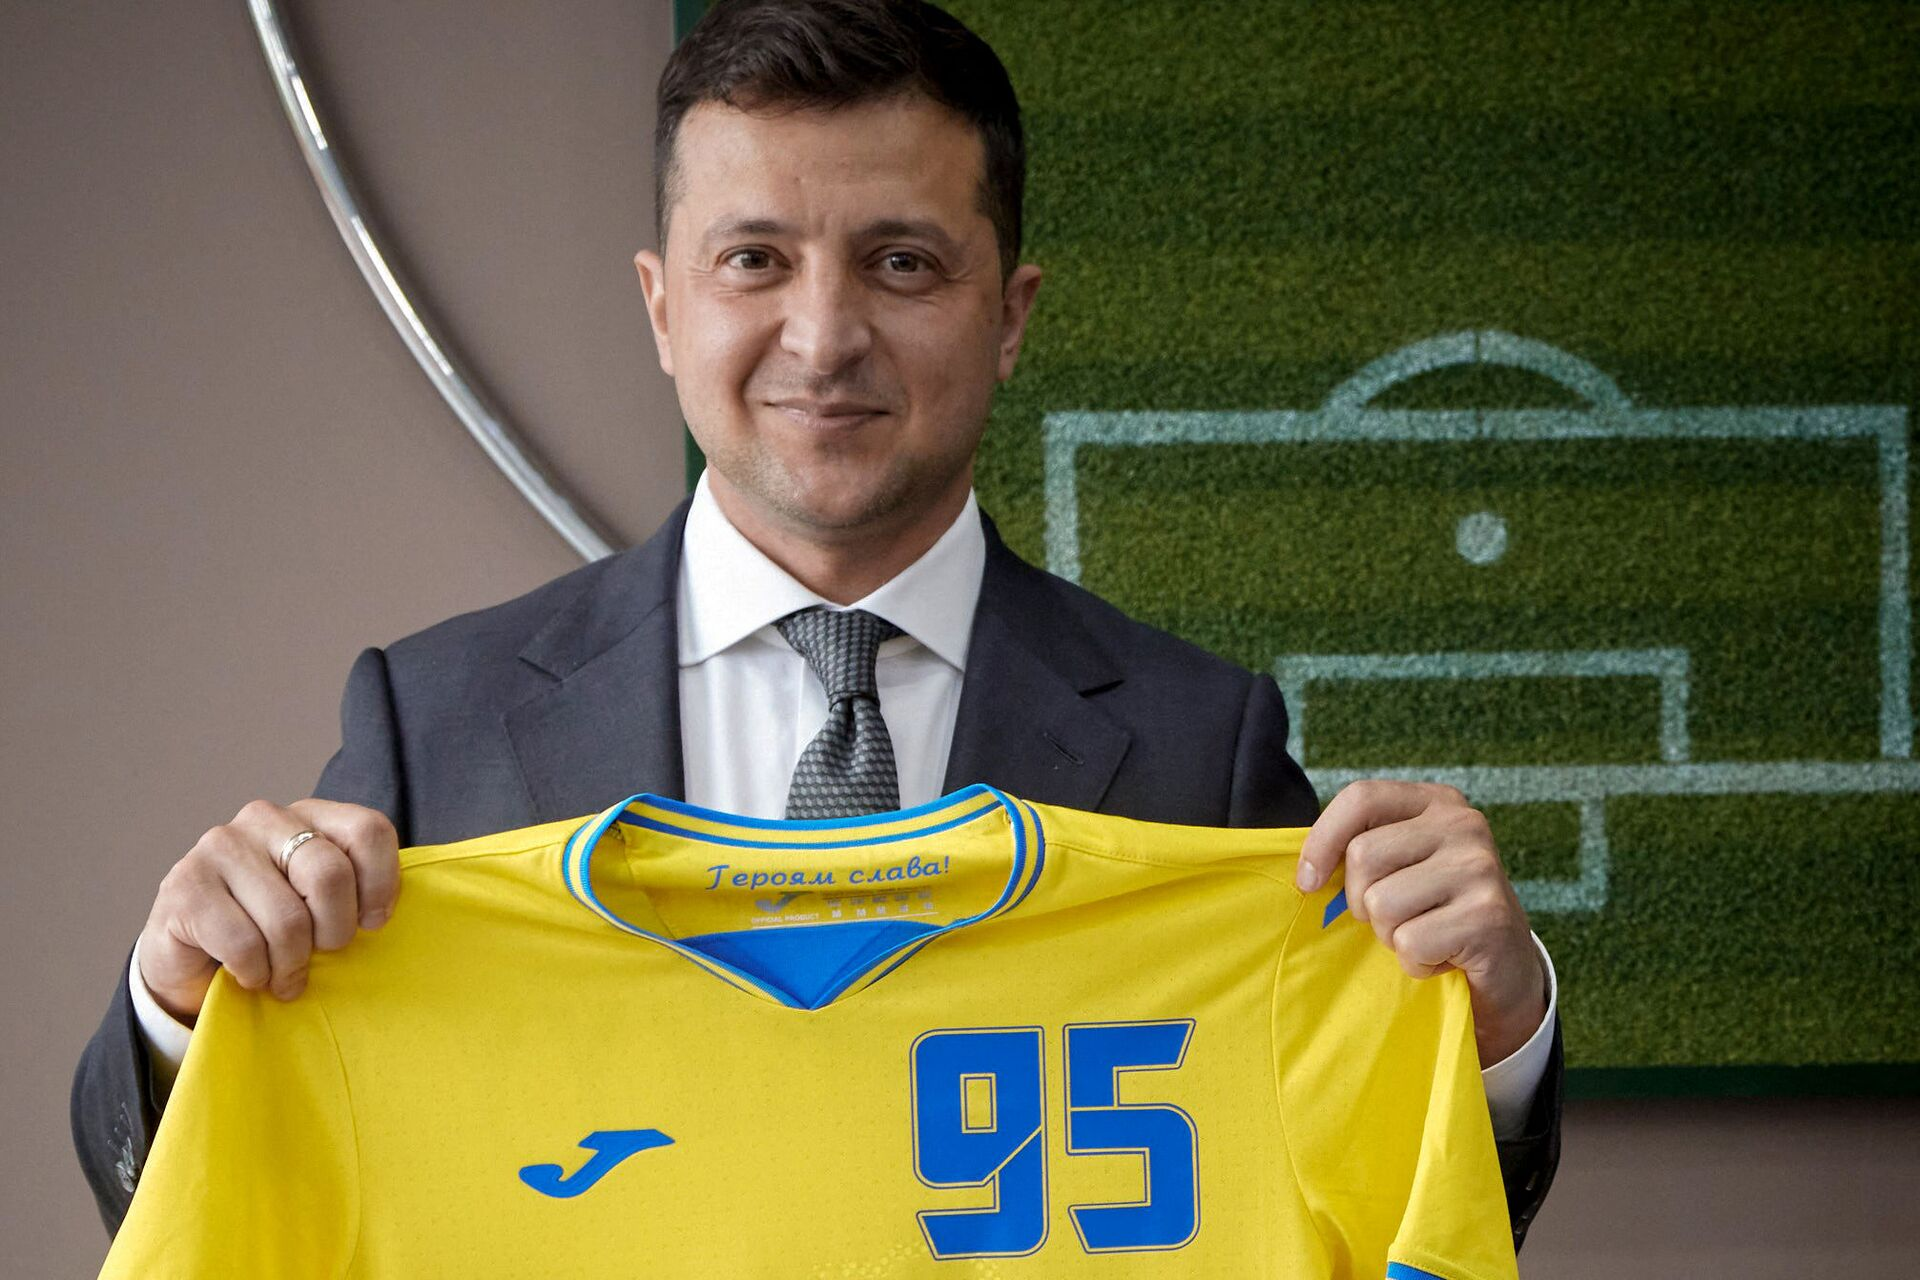 Chuyên gia Serbia về đồng phục của Ukraina tại EURO 2020: một hành động khiêu khích chính trị - Sputnik Việt Nam, 1920, 09.06.2021